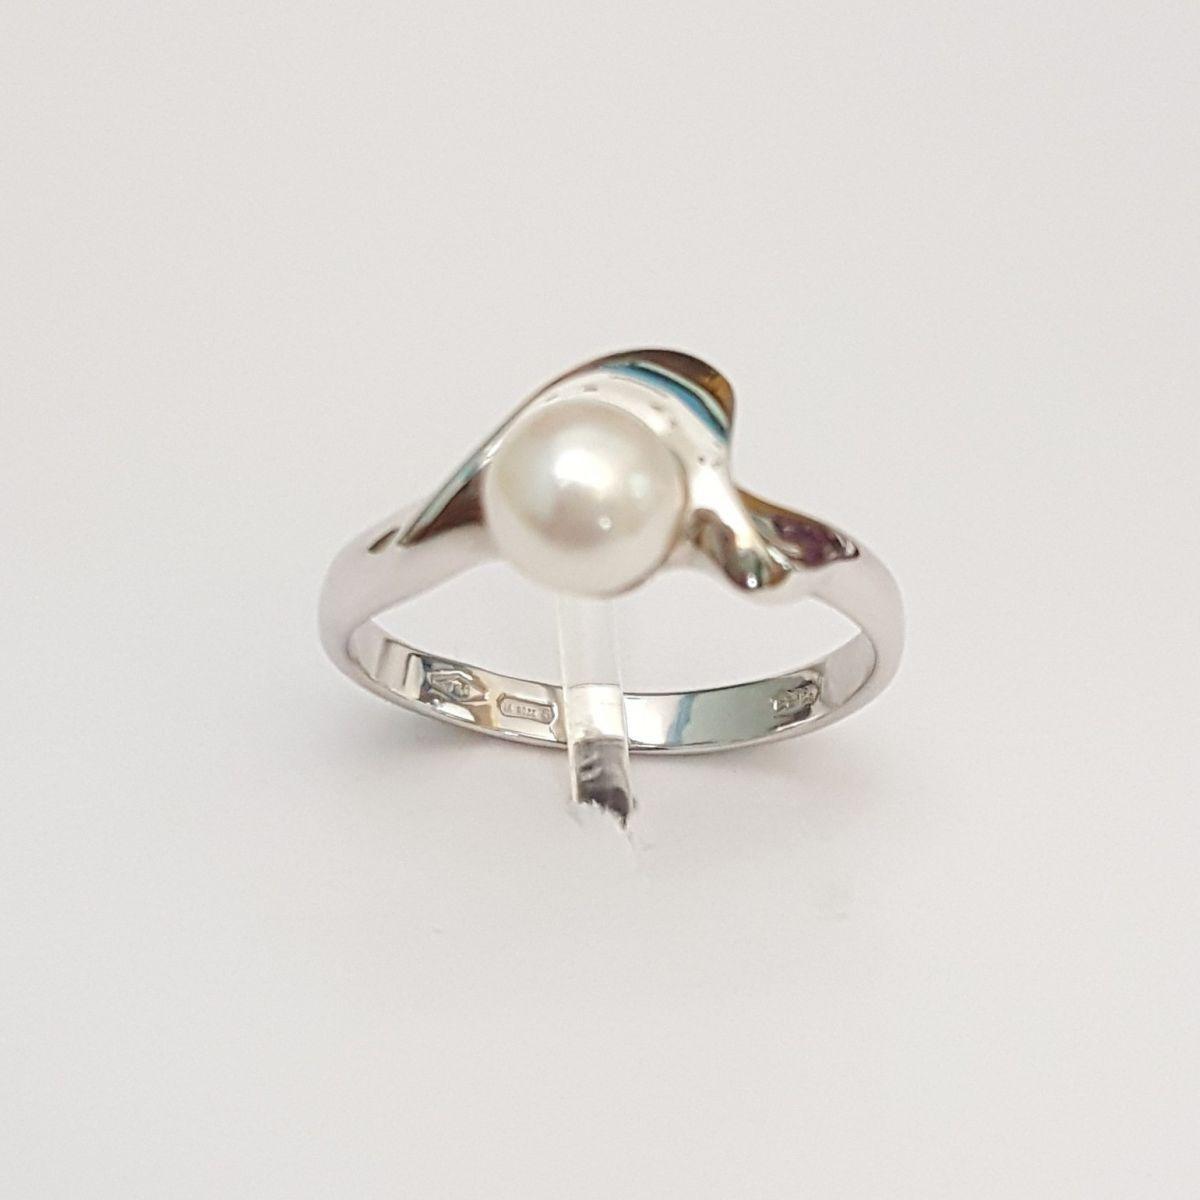 Anello Kiara in Oro Bianco LI83-B con Perla Bianca